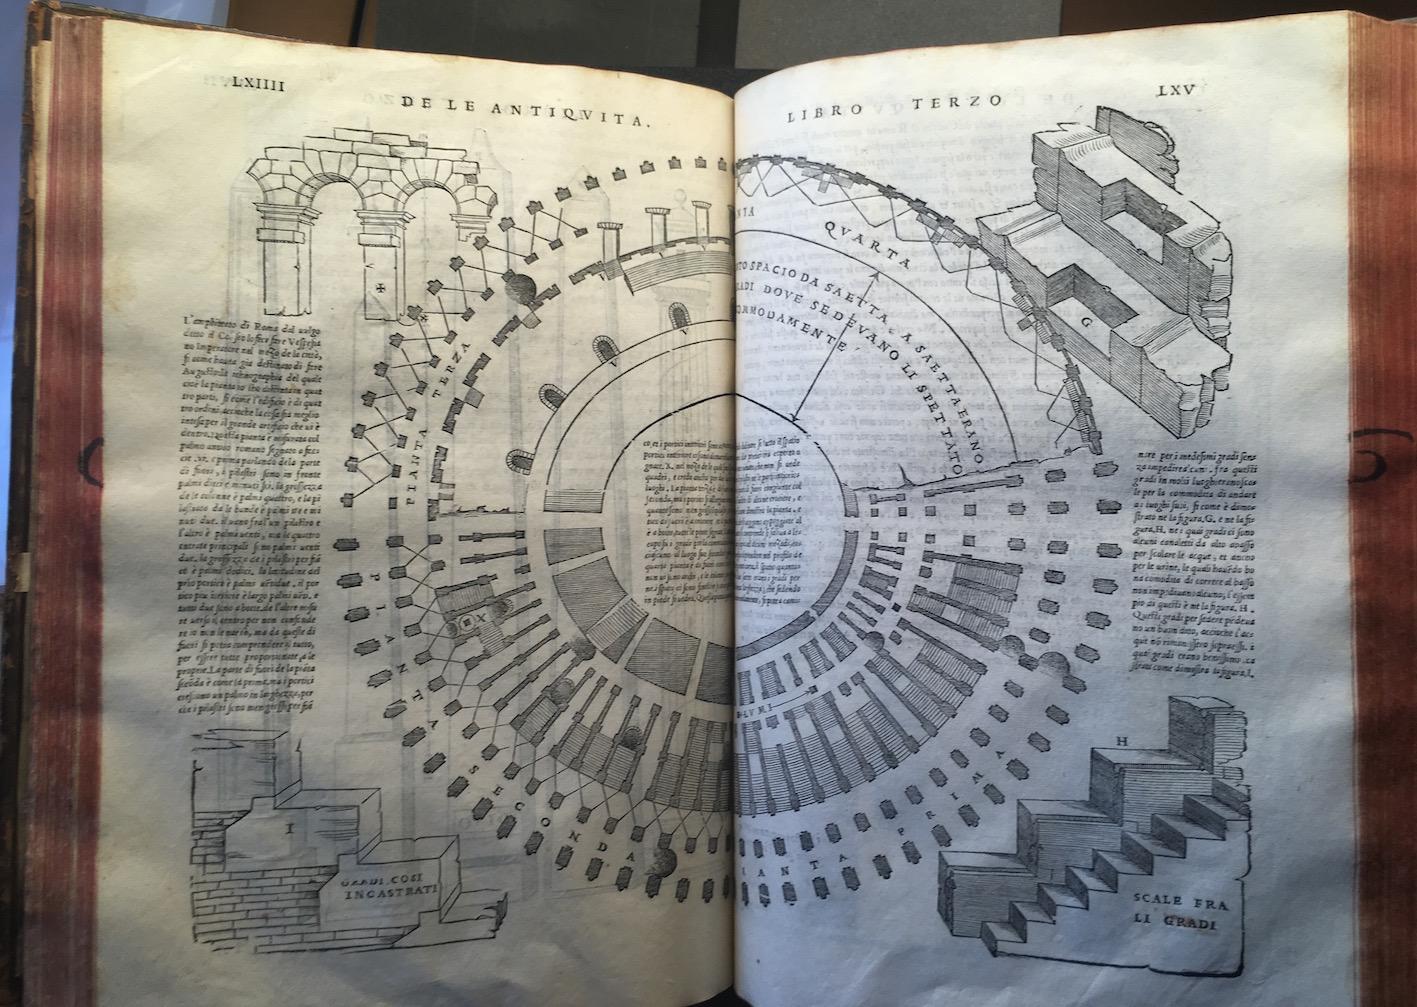 """""""S. Serlio, Il terzo libro ... nel qual si figurano ... le antiquità di Roma. Con noue additioni (1544)."""""""